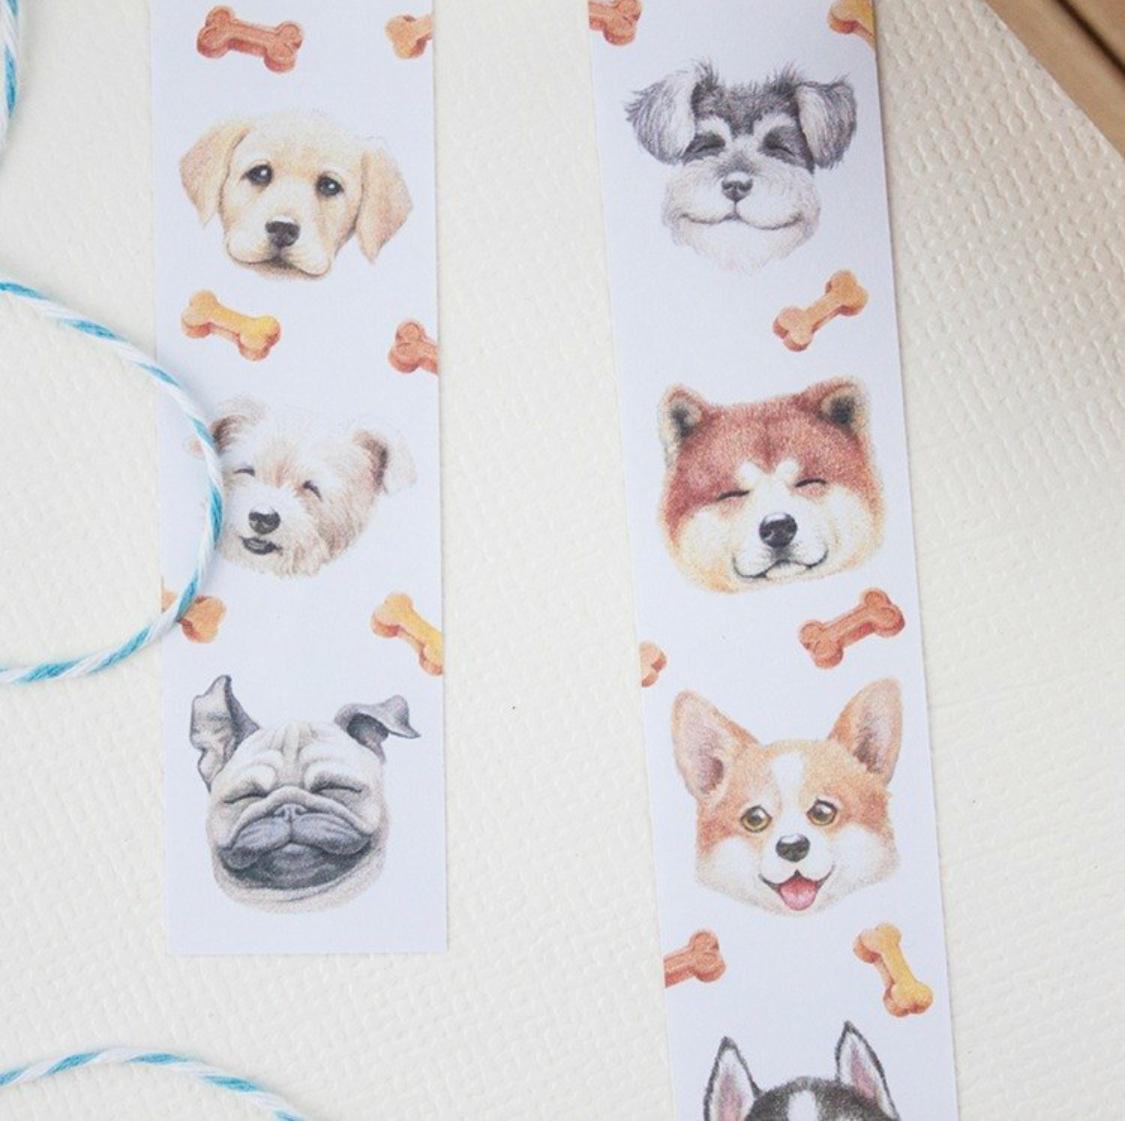 樂意] hi dogs スマイル犬柄 マスキングテープ | 呷意(ガイ)台湾雑貨店